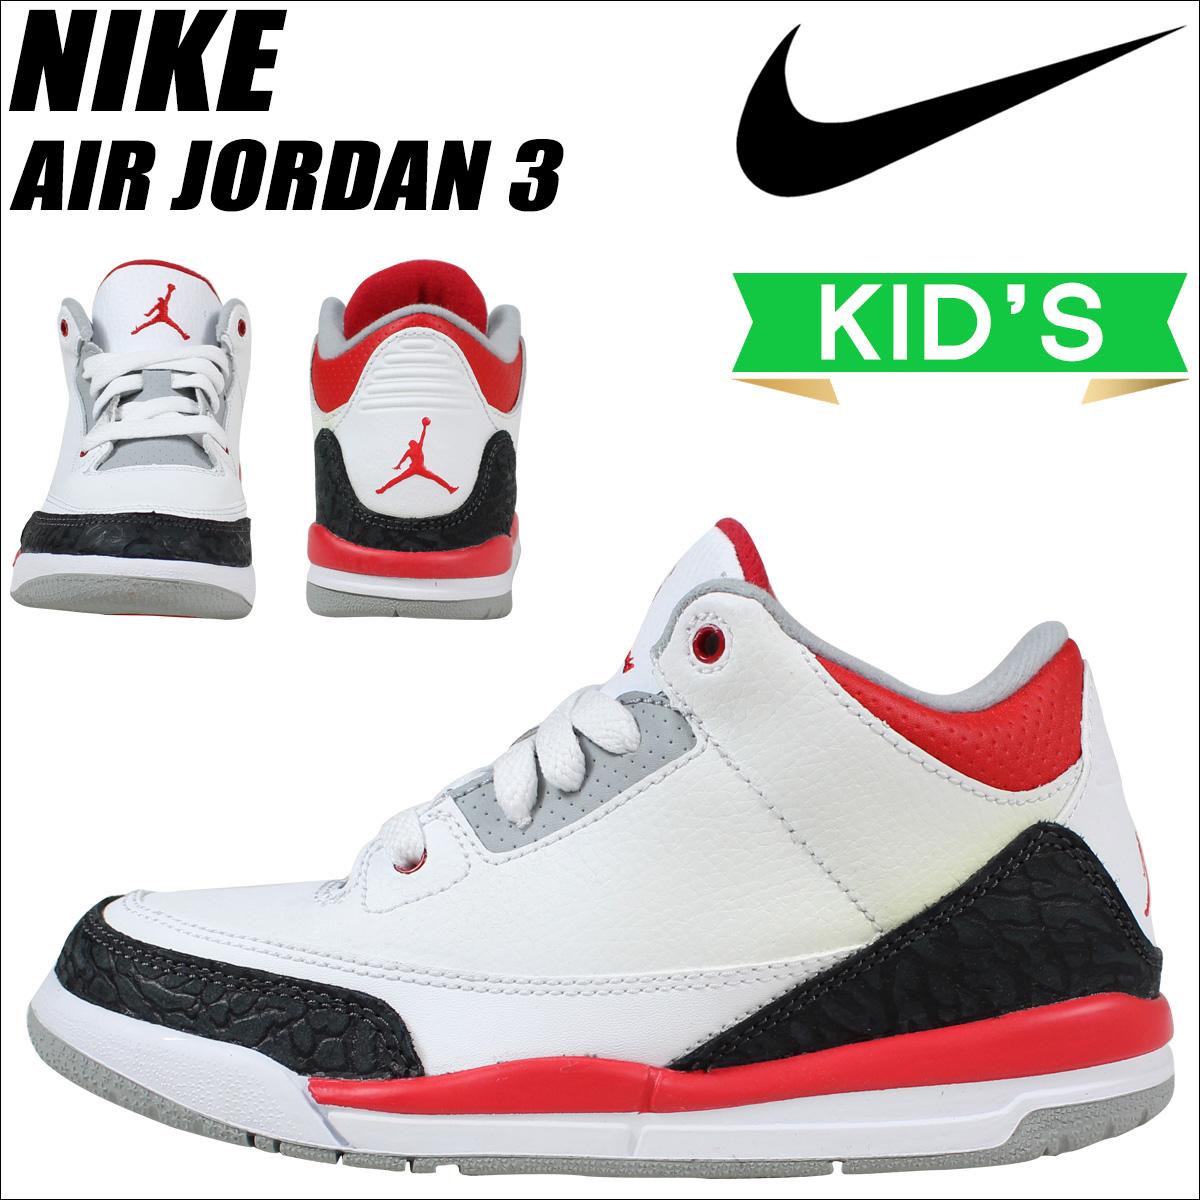 45772298025 ... Nike NIKE Air Jordan sneakers kids AIR JORDAN 3 RETRO PS FIRE RED Air  Jordan ...